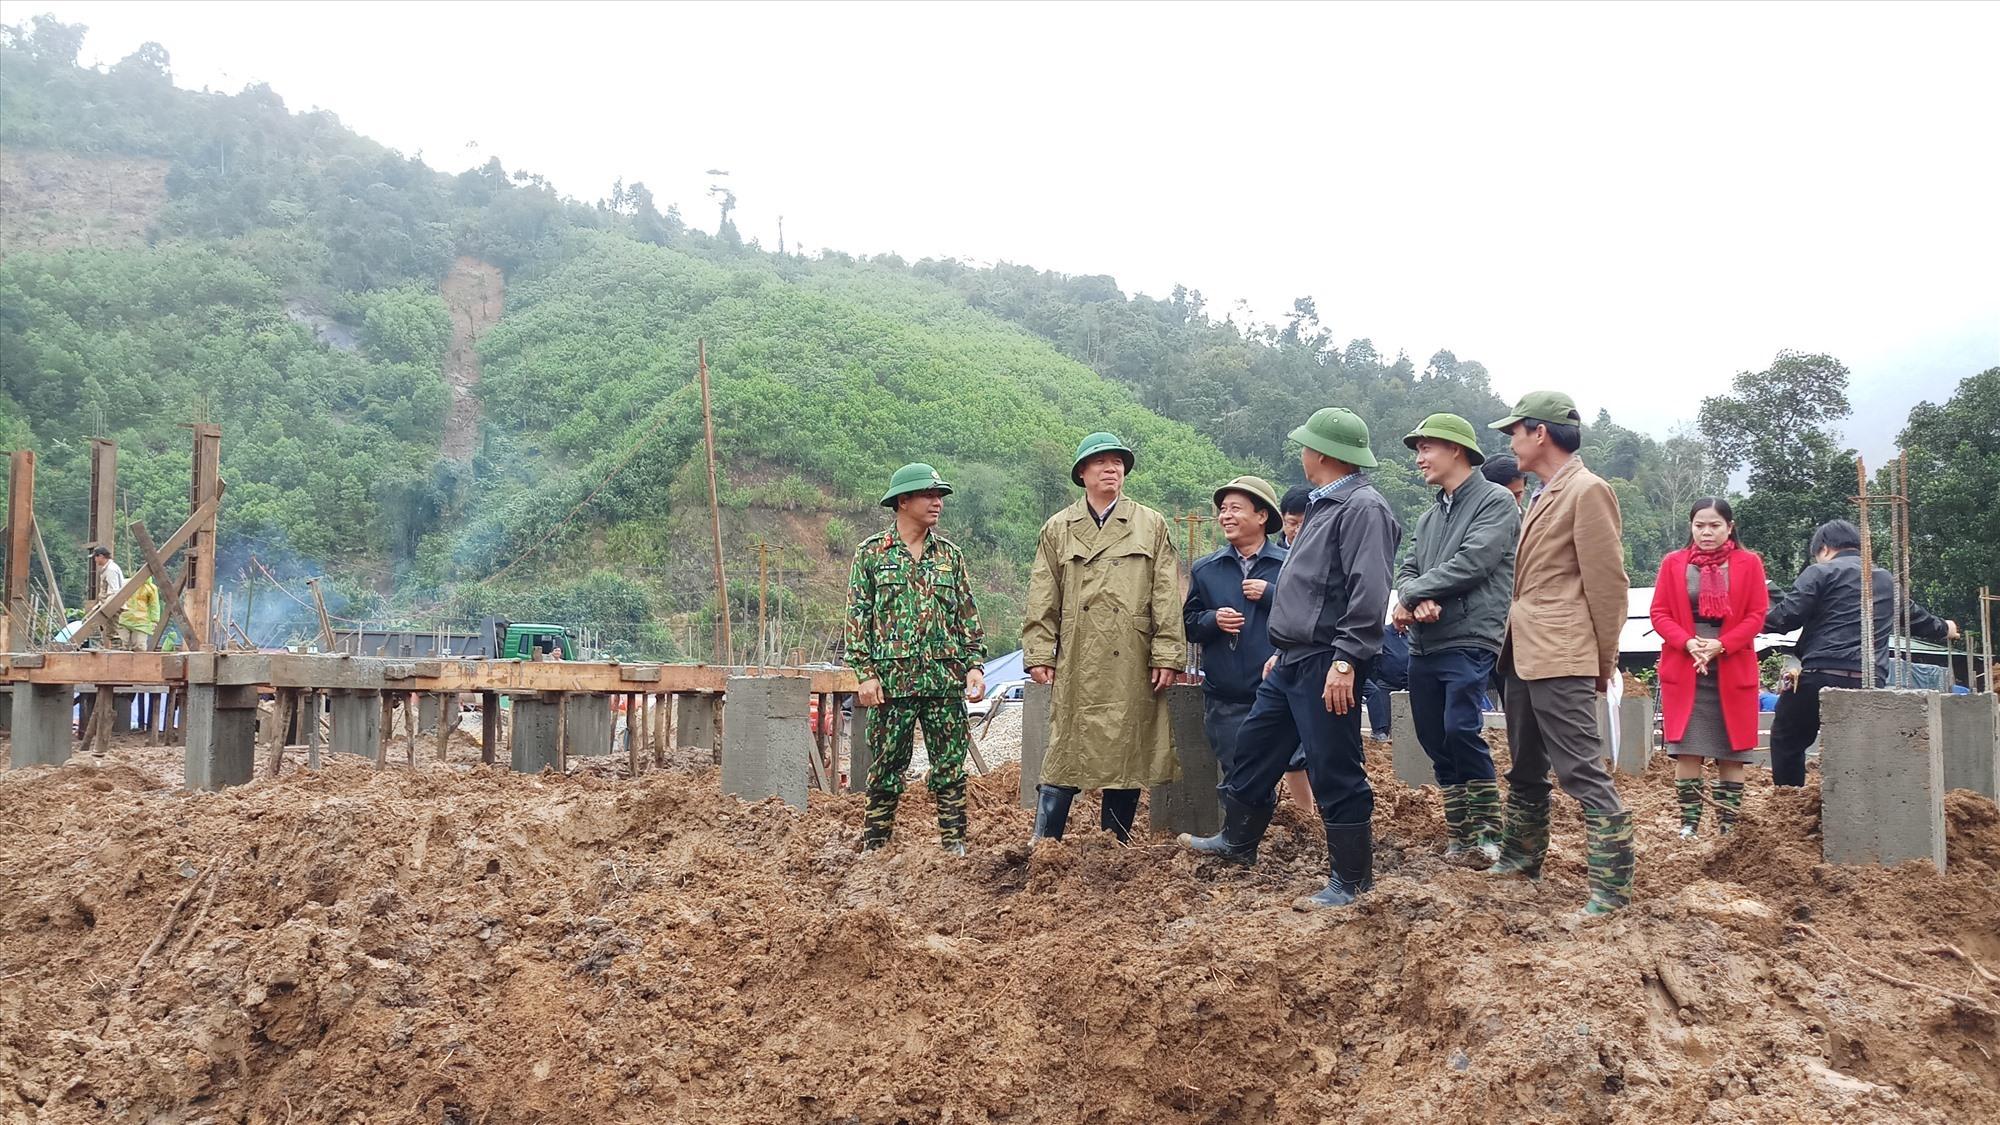 Phó Chủ tịch UBND tỉnh Hồ Quang Bửu trực tiếp kiểm tra mặt bằng tái định cư Trà Leng. Ảnh: A.N